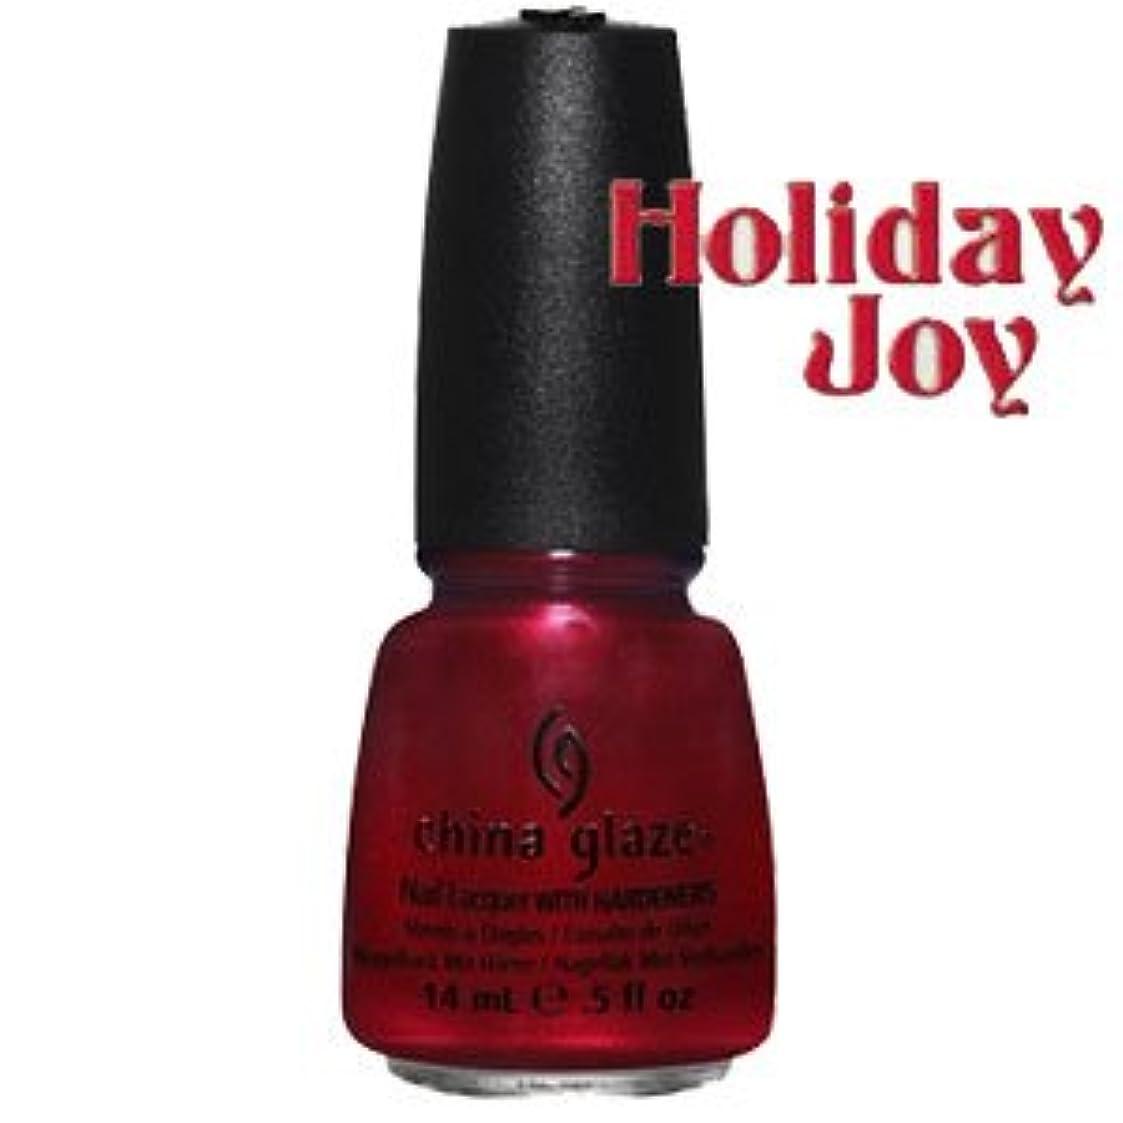 民間人相手優越(チャイナグレイズ)China Glaze Cranberry Splashー'12Holiday Joy コレクション [海外直送品][並行輸入品]